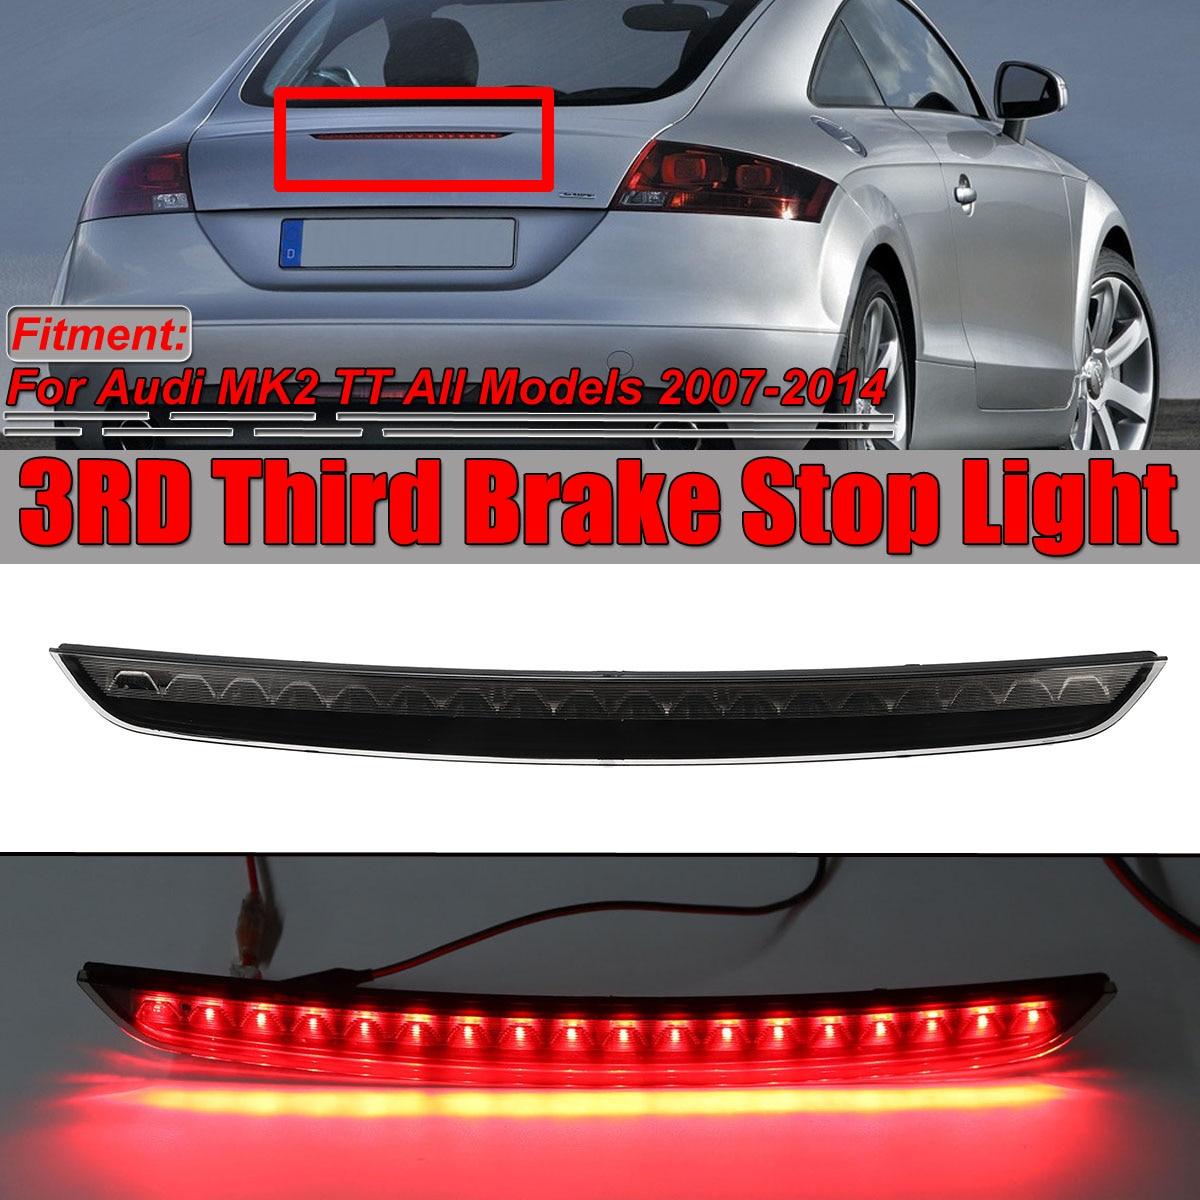 Новый высокое крепление 3RD Автомобильный задний светодиодный тормозной фонарь лампа для Audi MK2 TT 2007 2014 светодиодный автомобильный третий стоп сигнал задний фонарь 8J094509